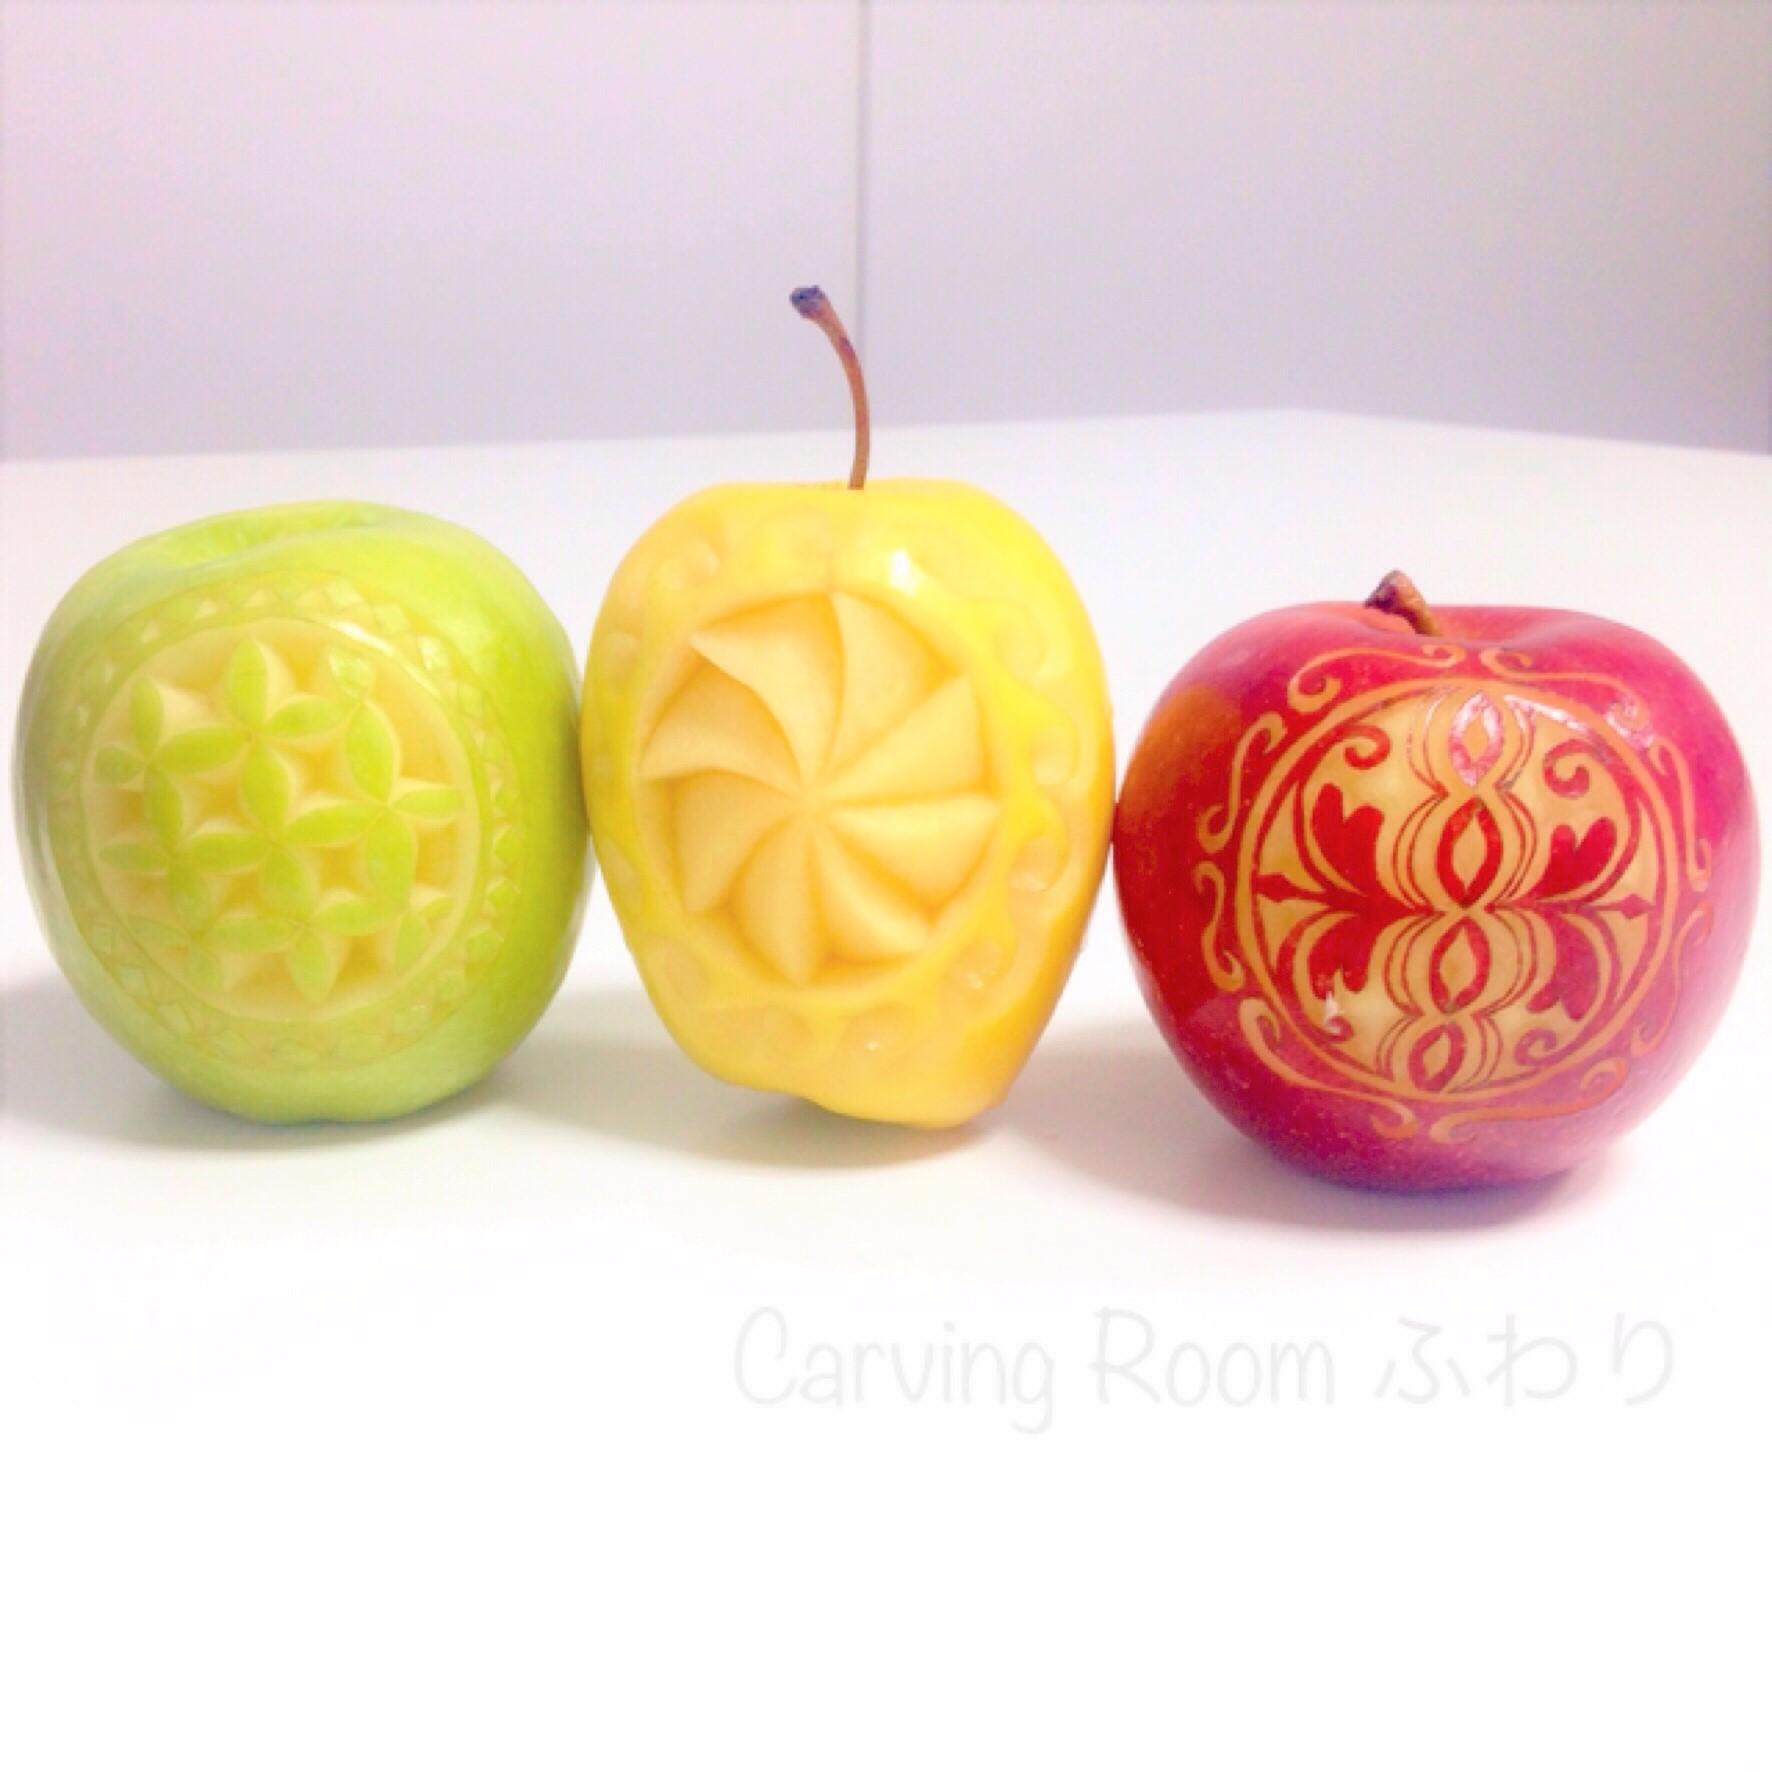 フルーツカービング リンゴ ソープカービング 教室 東京